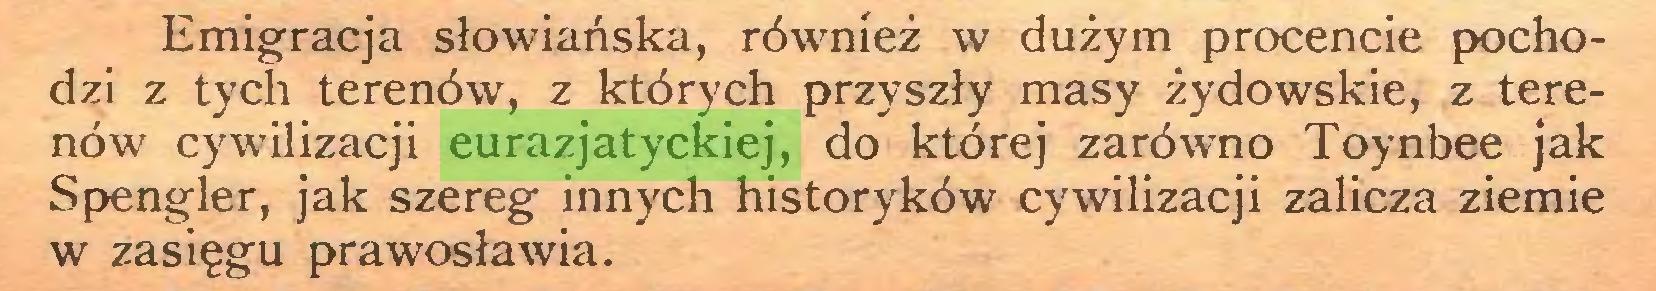 (...) Emigracja słowiańska, również w dużym procencie pochodzi z tych terenów, z których przyszły masy żydowskie, z terenów cywilizacji eurazjatyckiej, do której zarówno Toynbee jak Spengler, jak szereg innych historyków cywilizacji zalicza ziemie w zasięgu prawosławia...